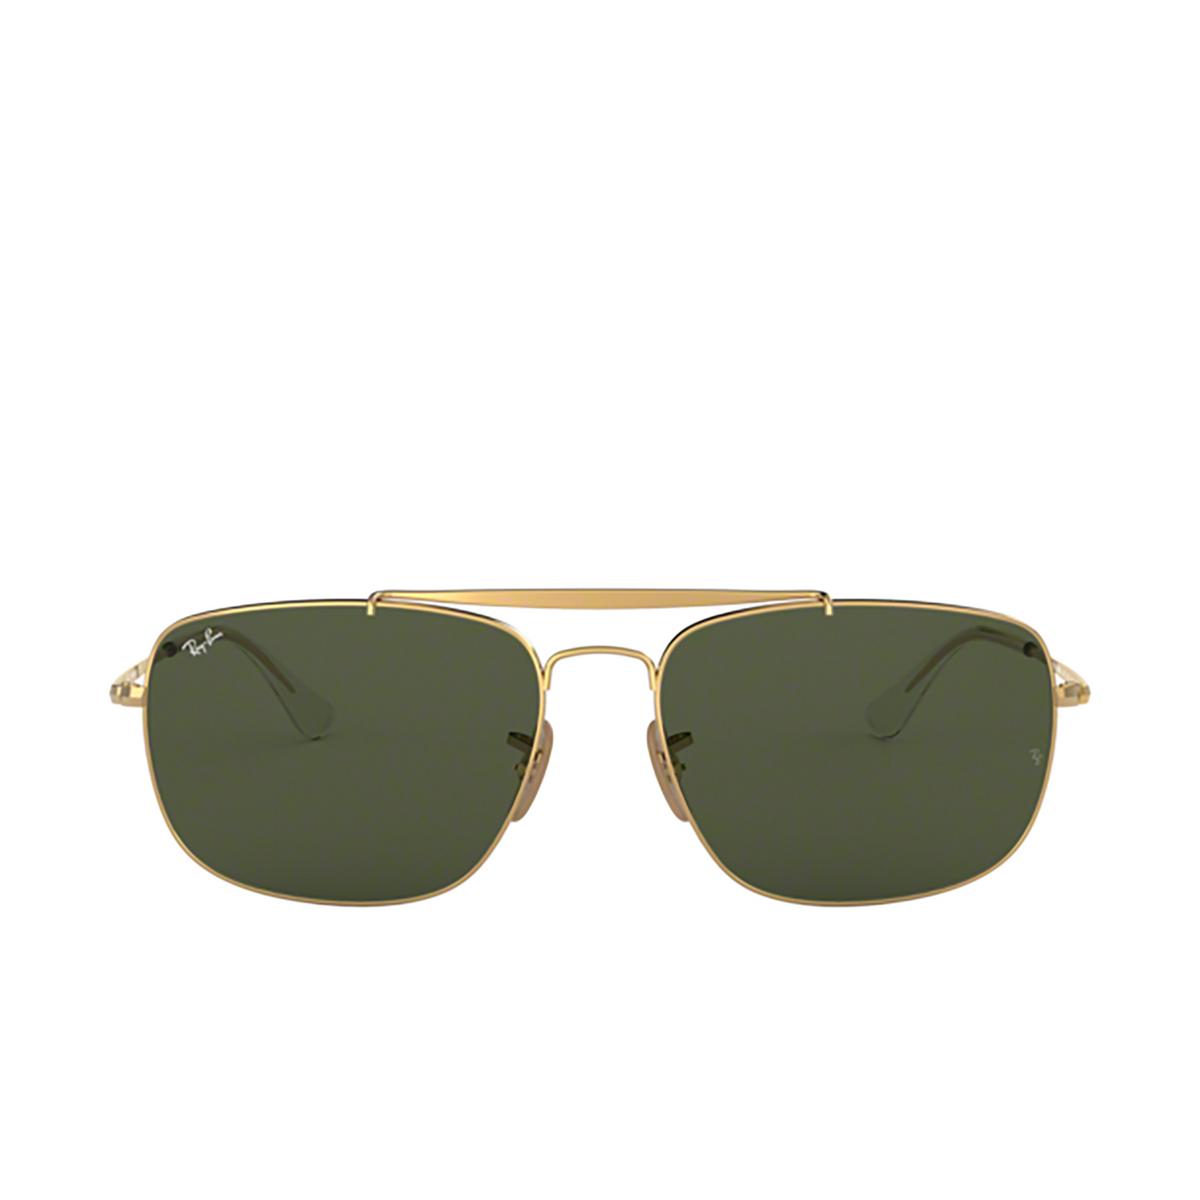 Ray-Ban® Square Sunglasses: The Colonel RB3560 color Arista 001 - 1/3.